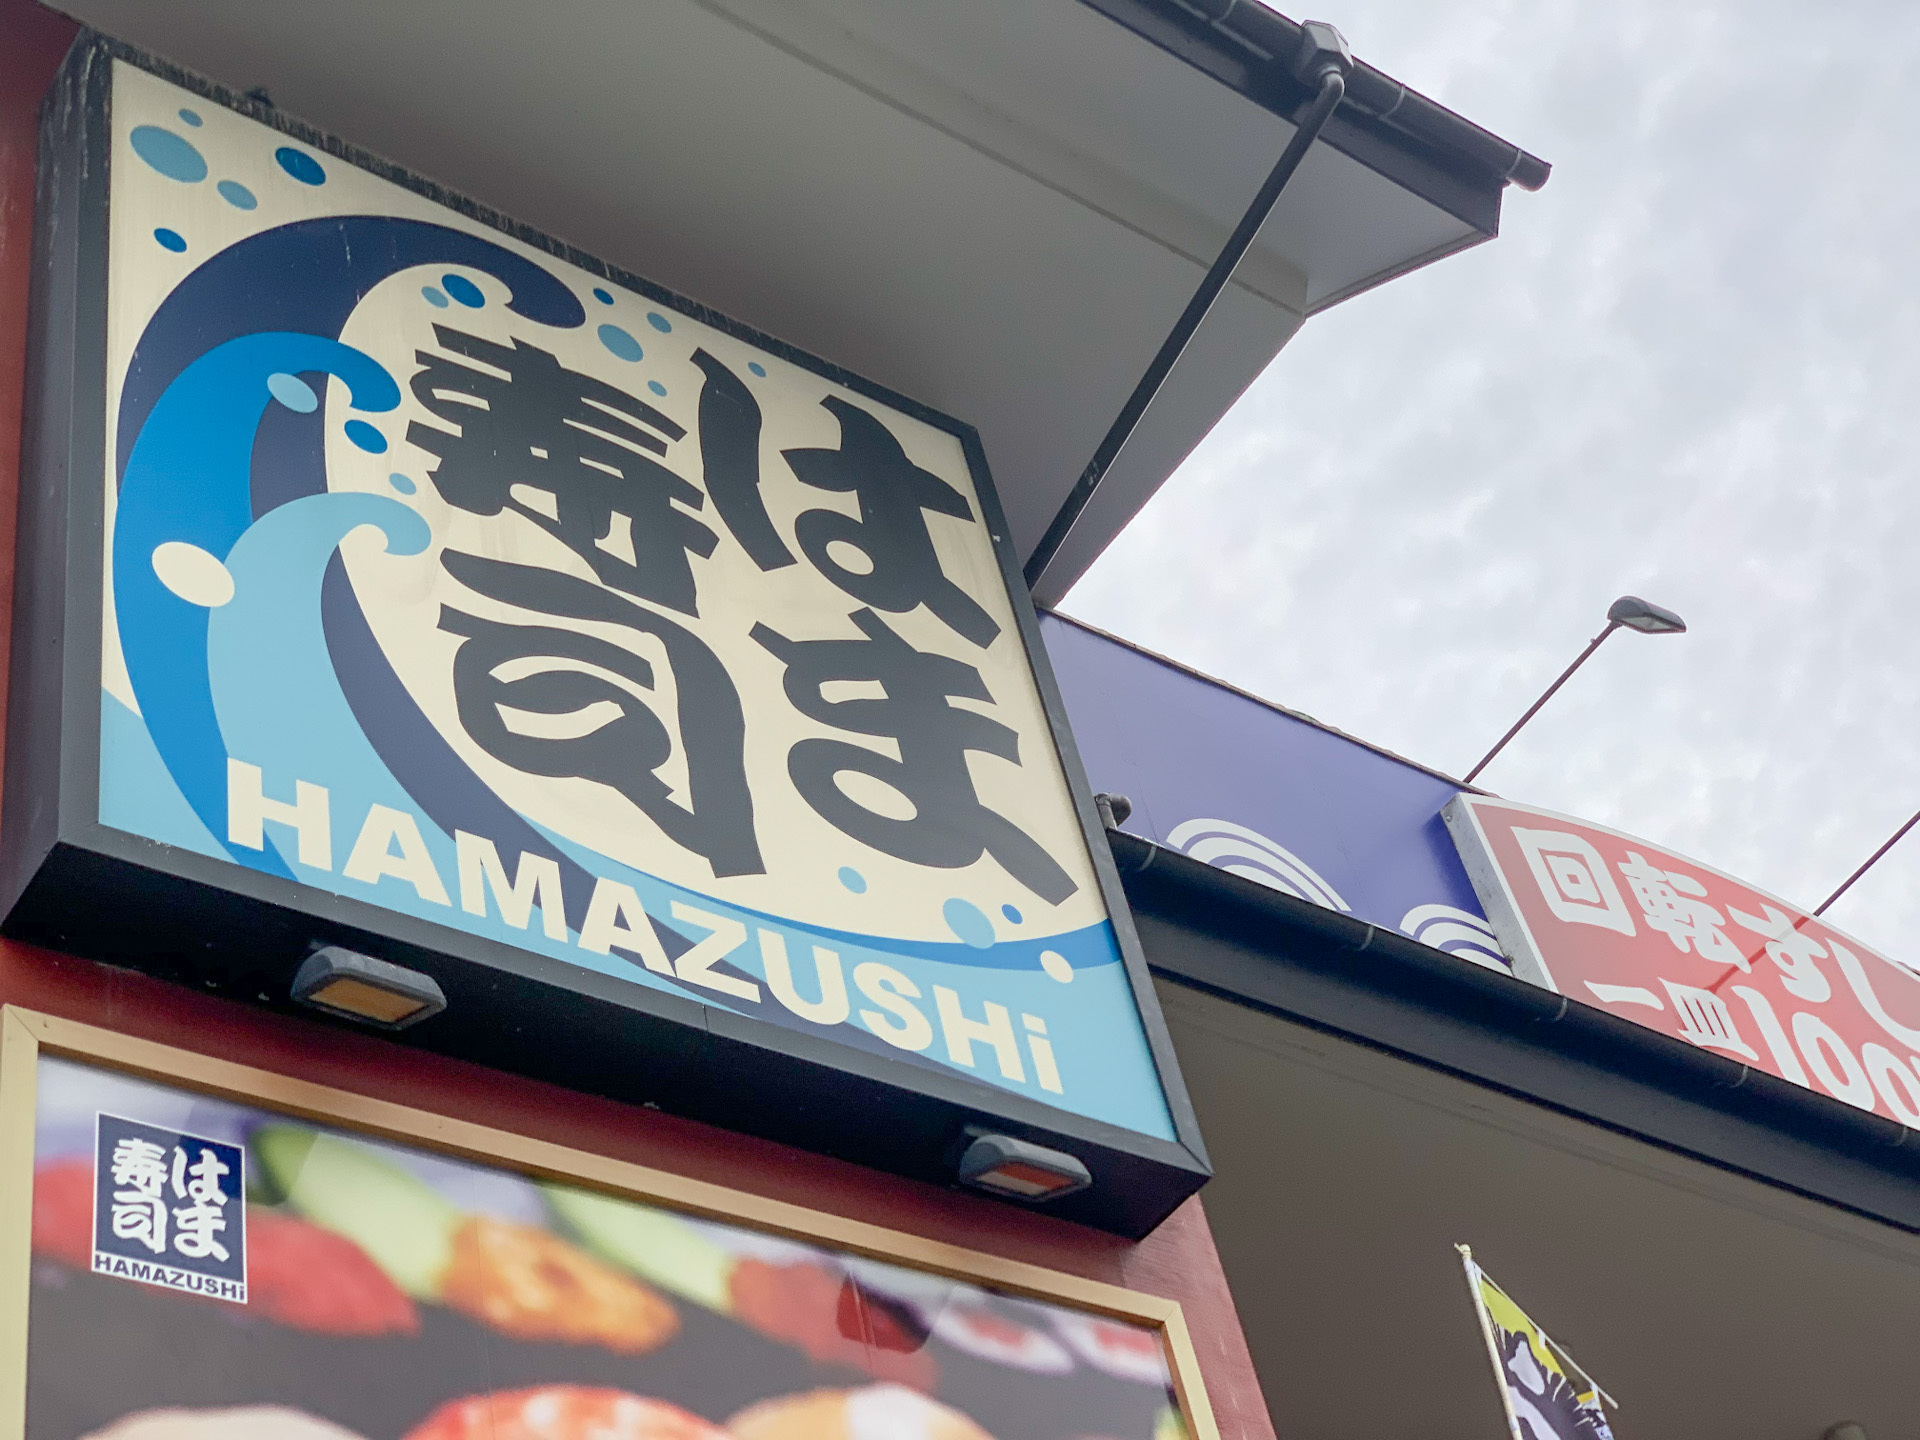 寿司 は 払い ま d